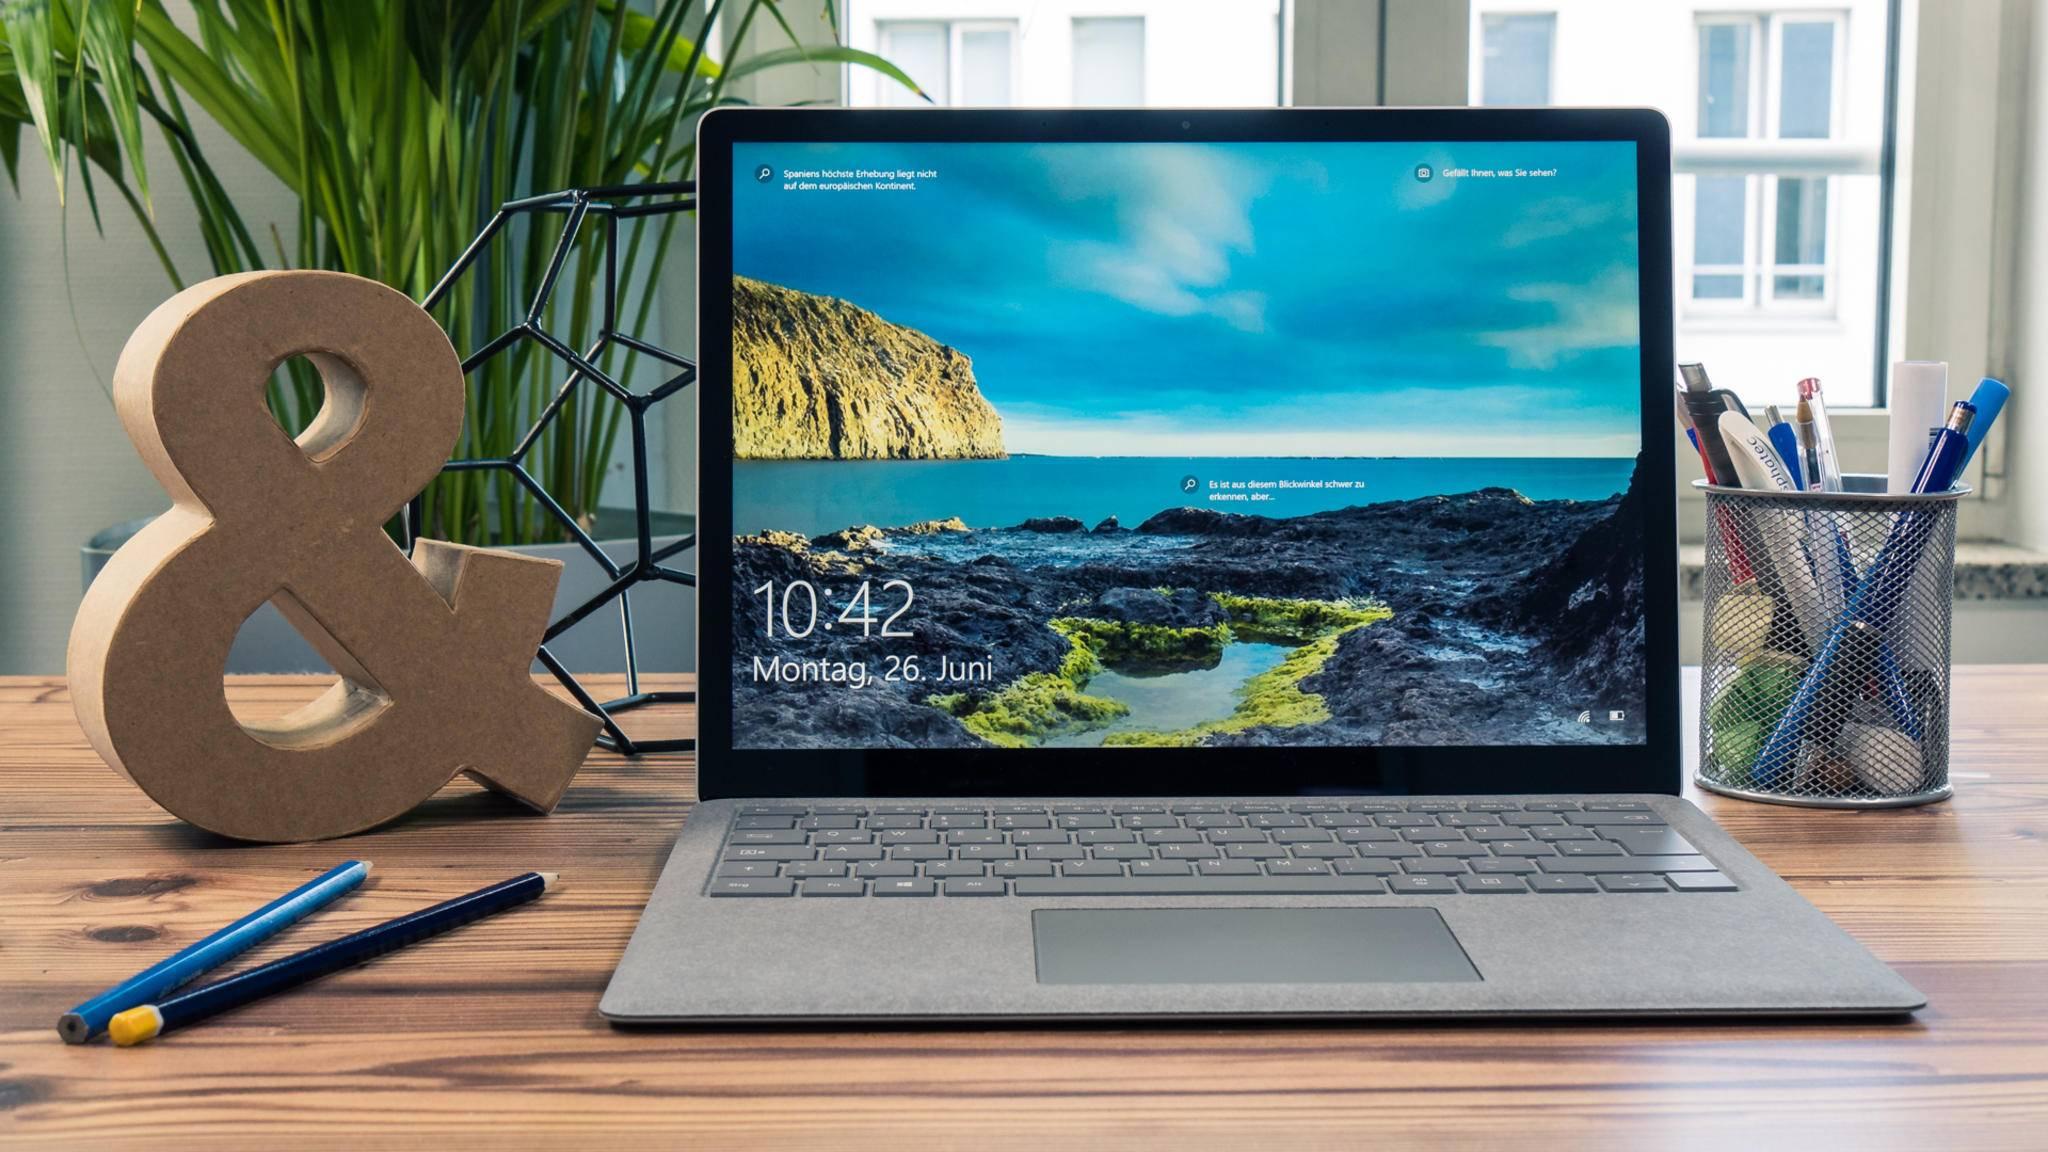 Wir verraten Dir, wie Du den Startsound von Windows 10 ändern kannst.